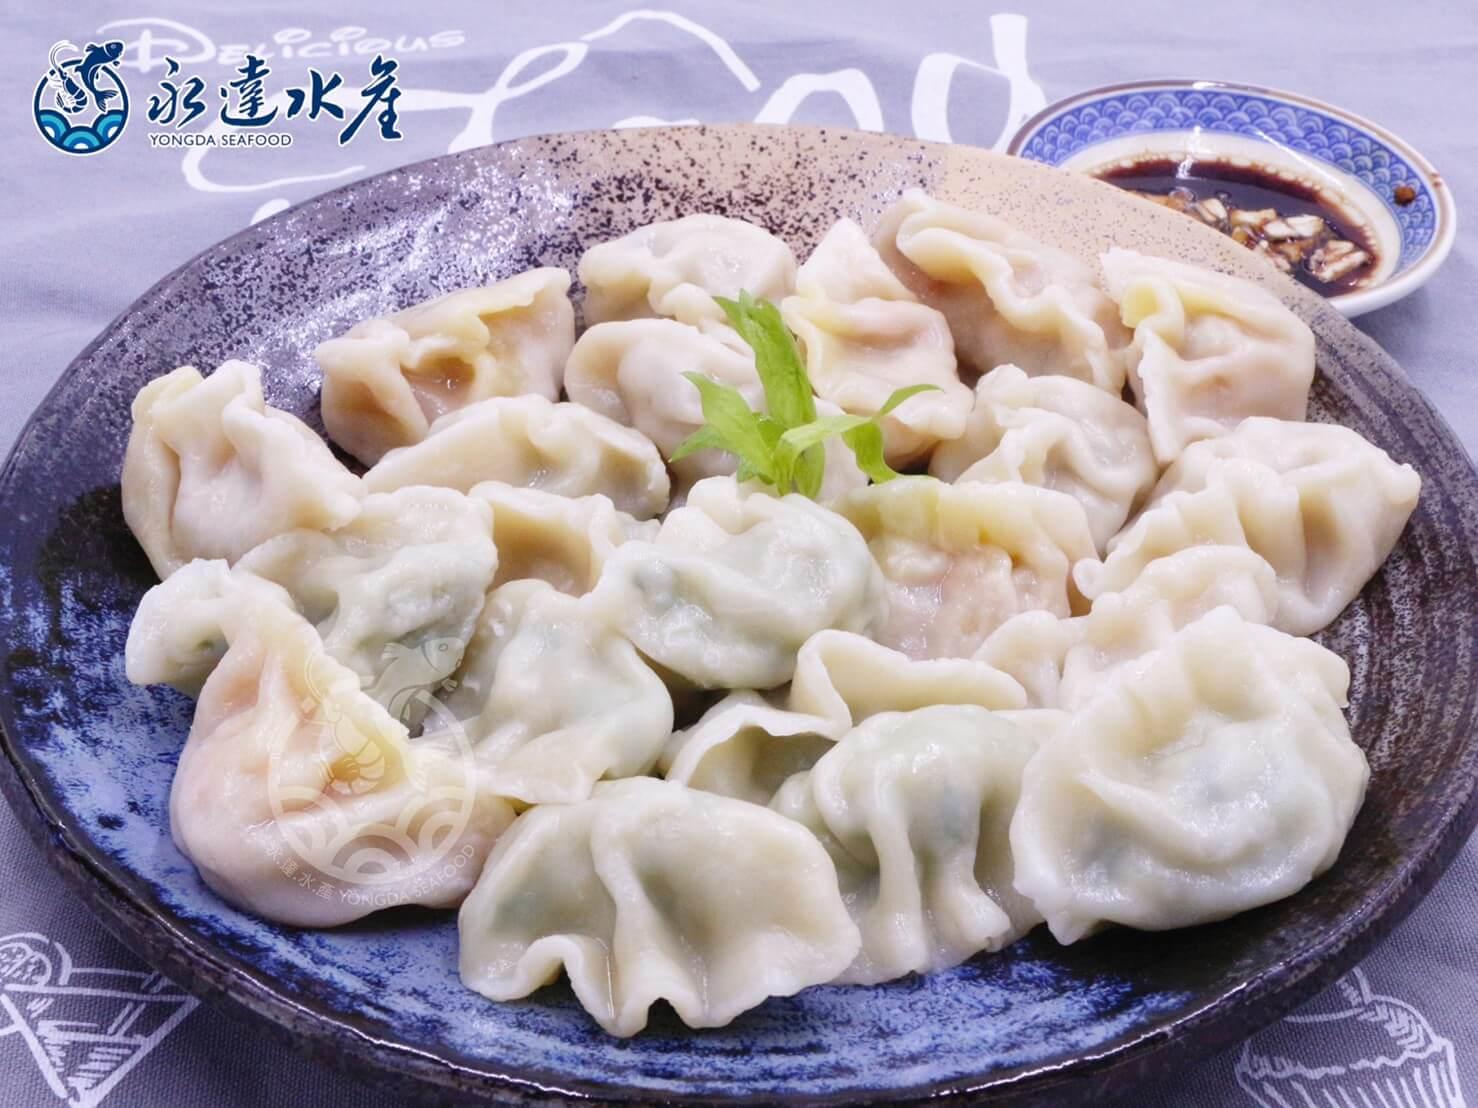 食品|蔥媽媽韭菜豬肉水餃|韭菜豬肉水餃|豬肉水餃|韭菜水餃|水餃